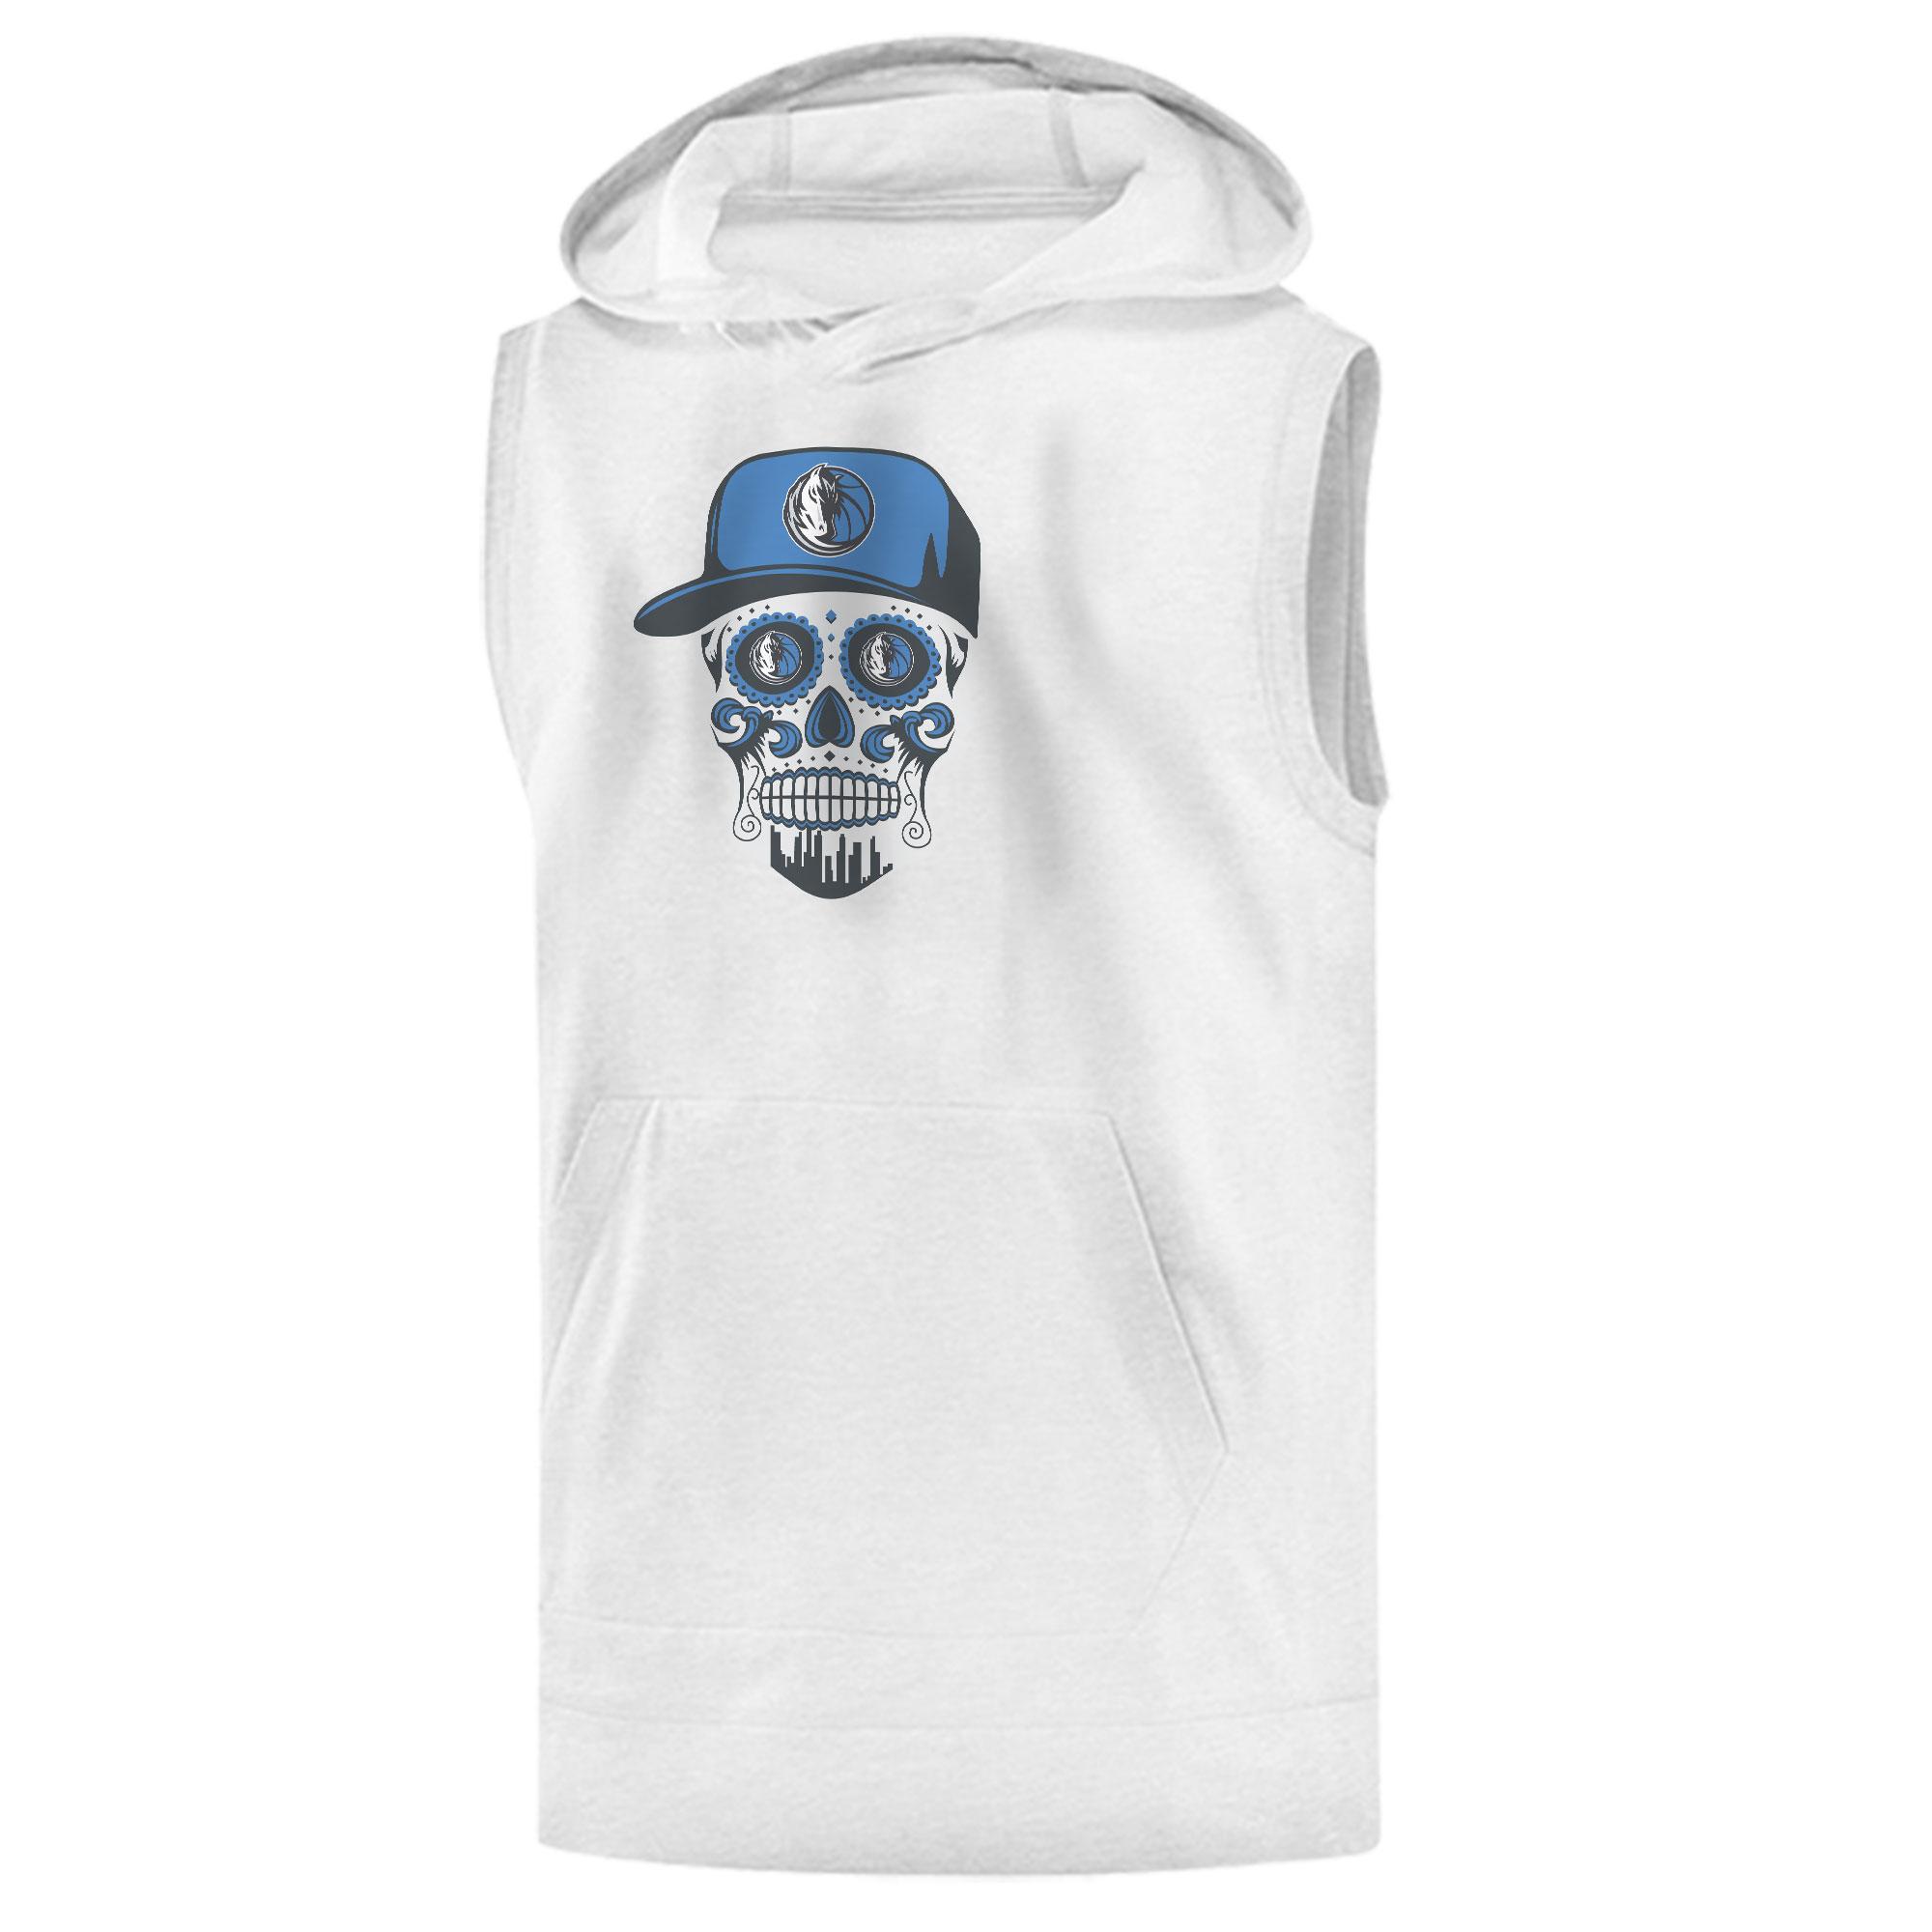 Dallas Skull Sleeveless (KLS-WHT-NP-451-NBA-DLS-SKULL)